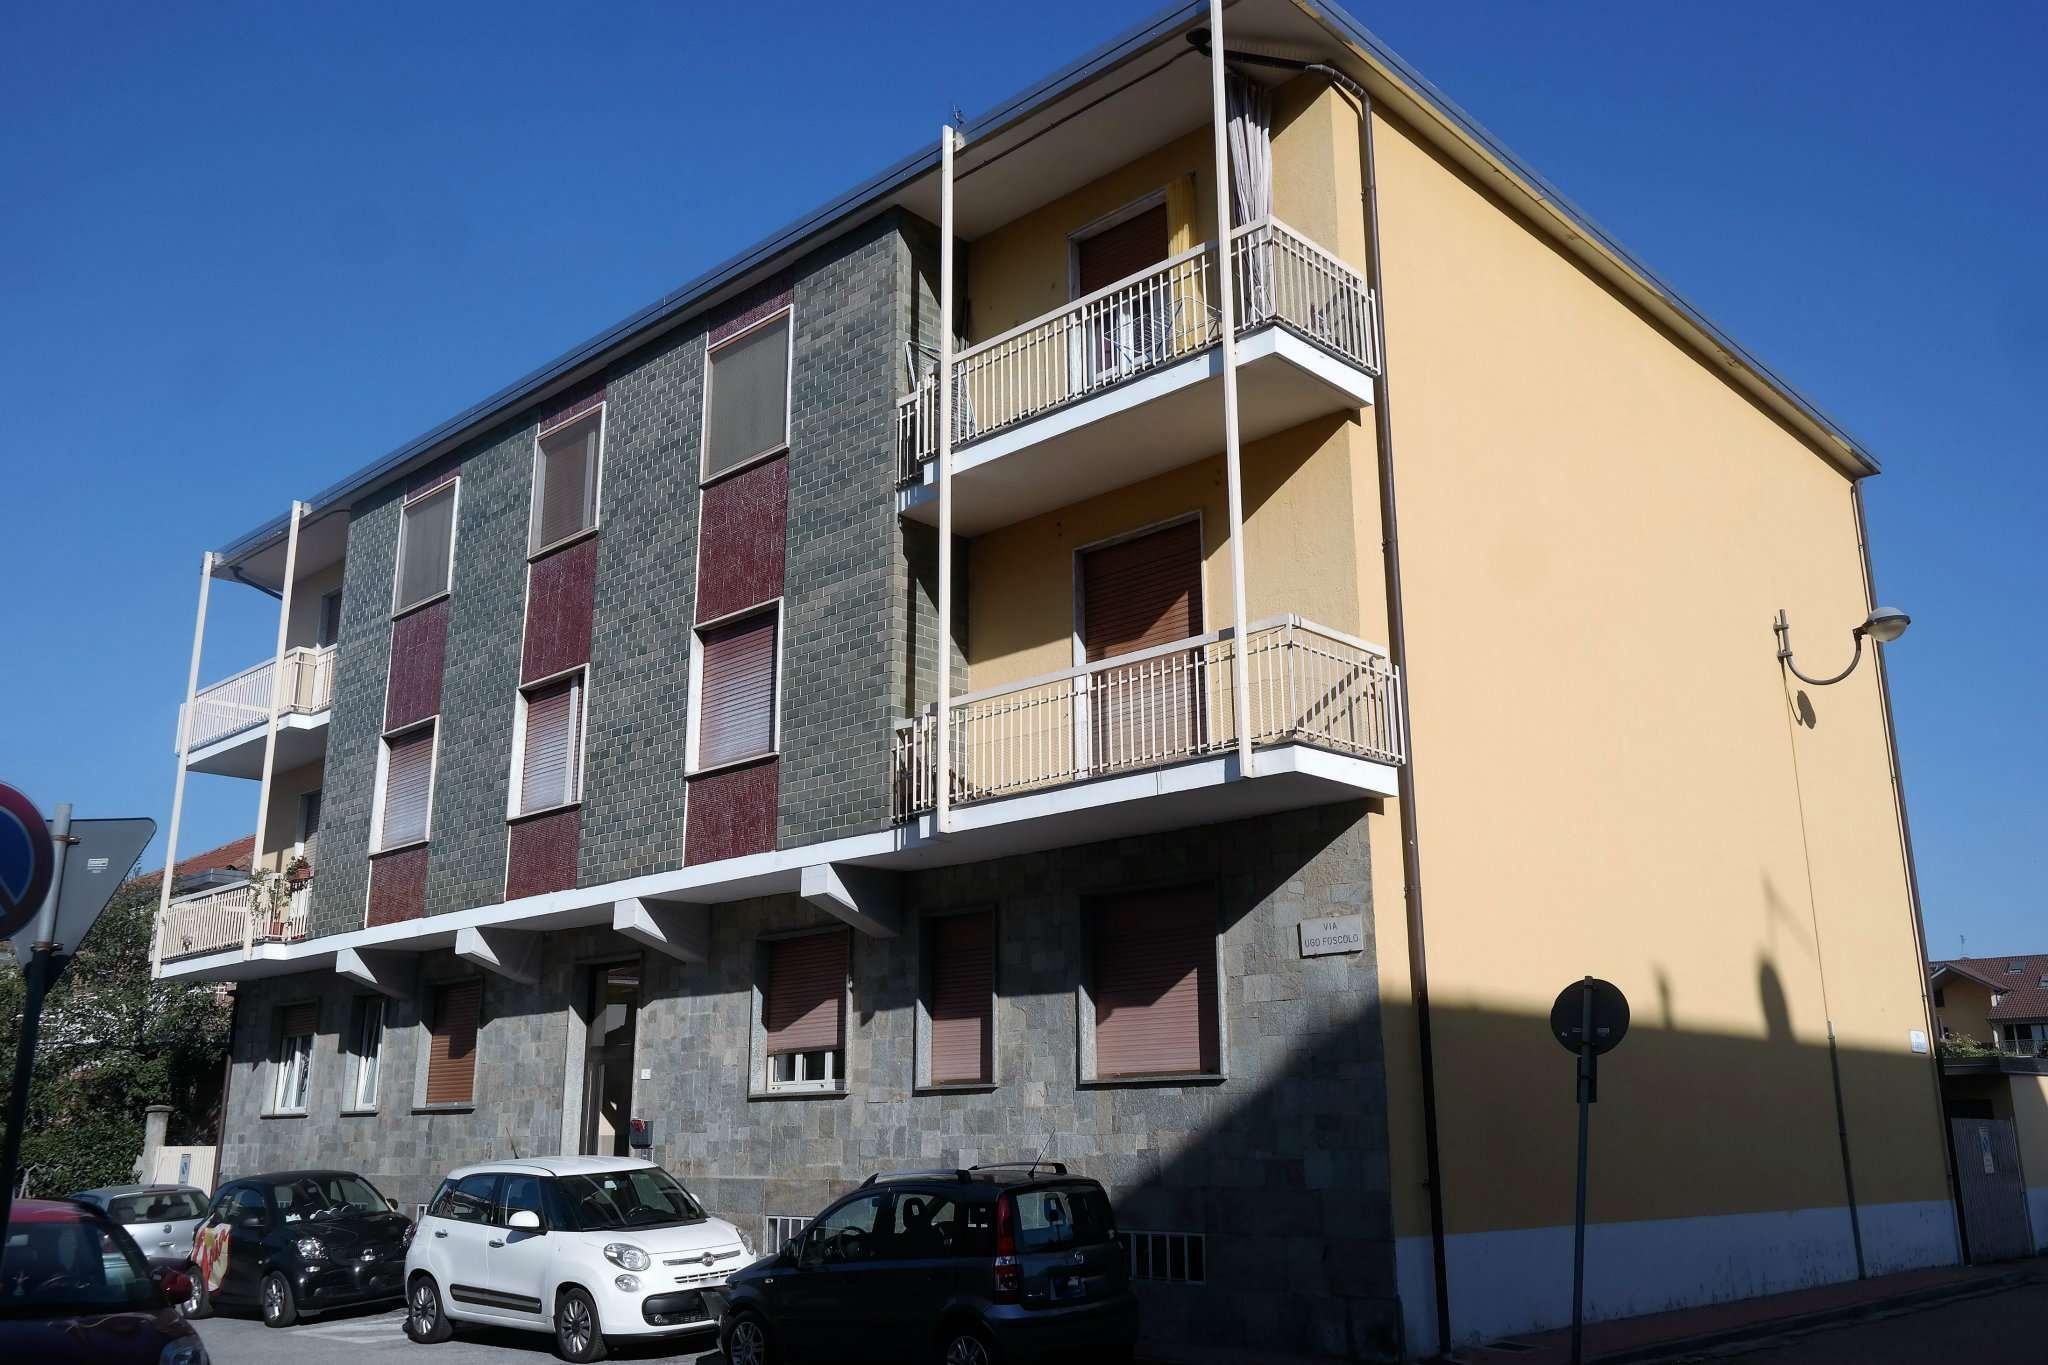 Appartamento in vendita a Beinasco, 2 locali, prezzo € 69.000 | CambioCasa.it